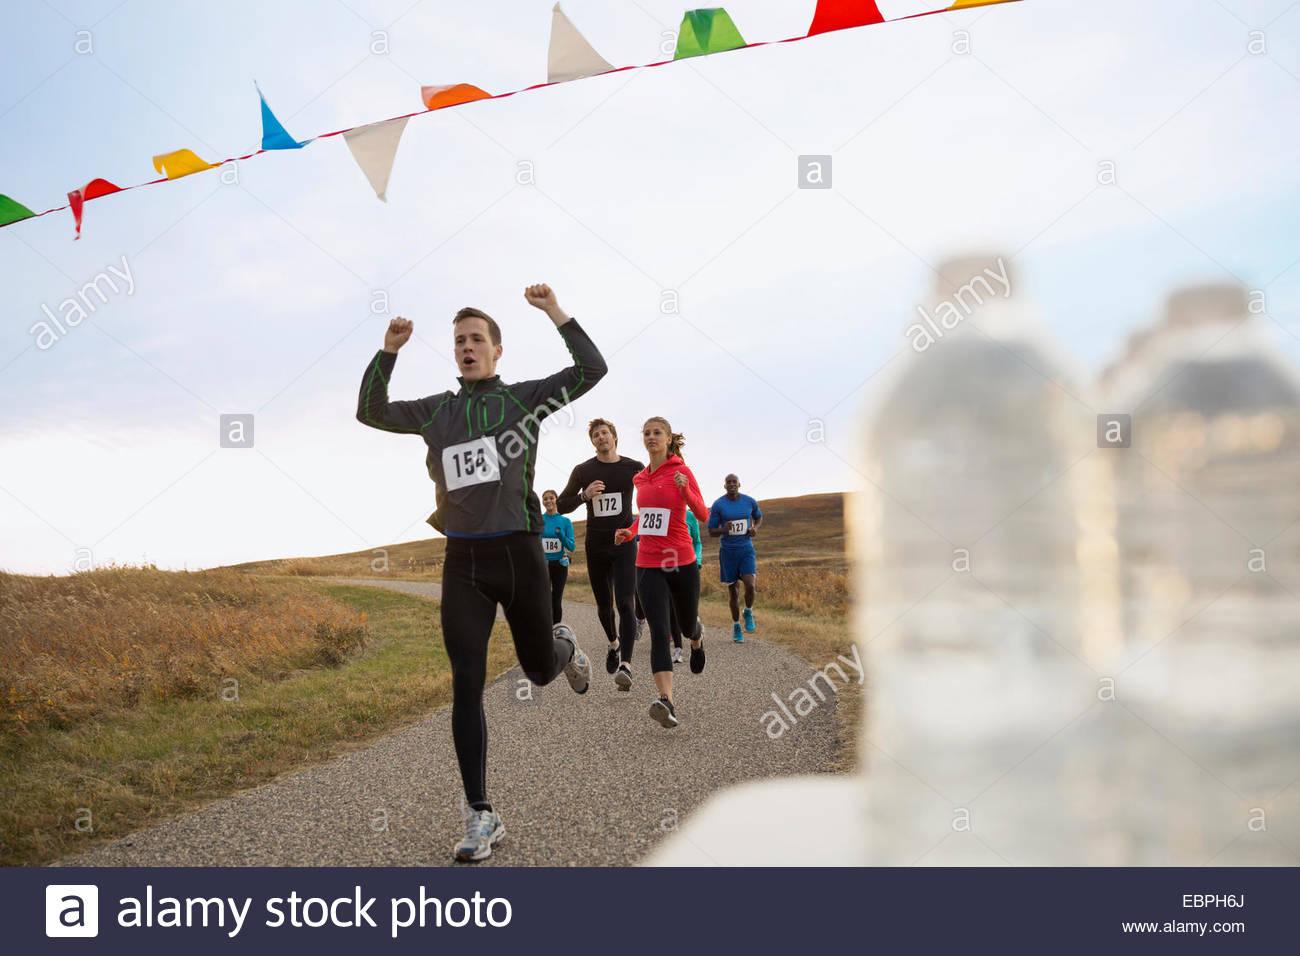 Jubelnde Läufer Ziellinie nähert sich Stockbild